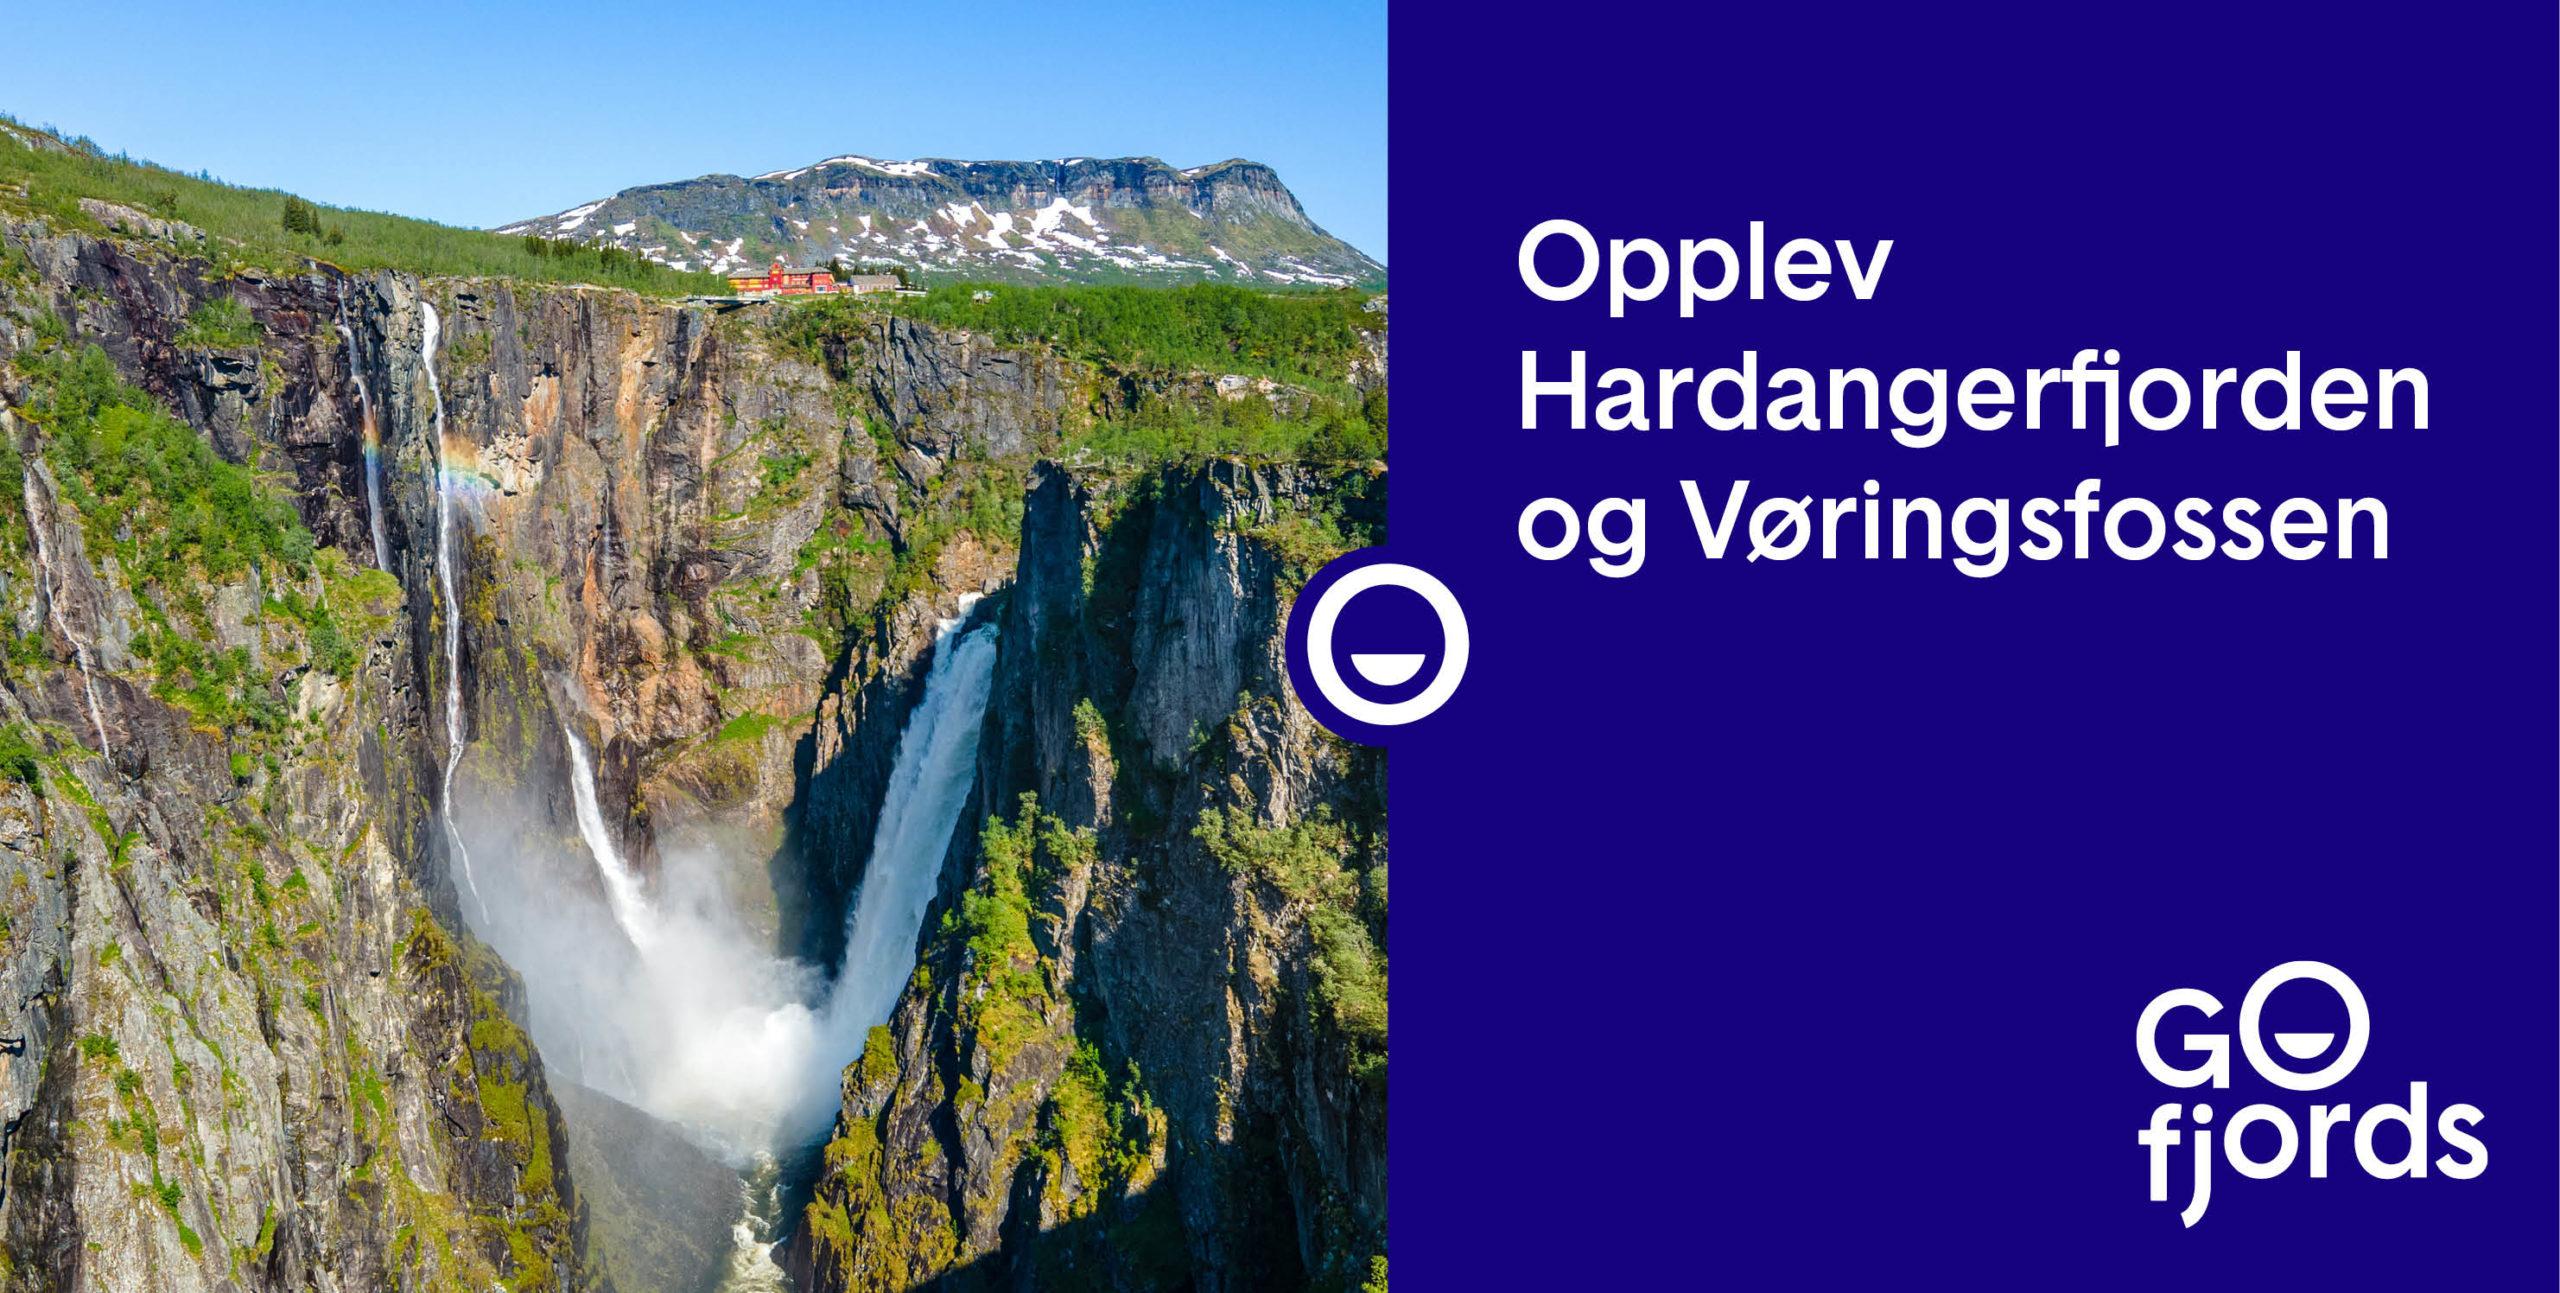 GoFjords.com - Opplev Hardangerfjorden og Vøringsfossen